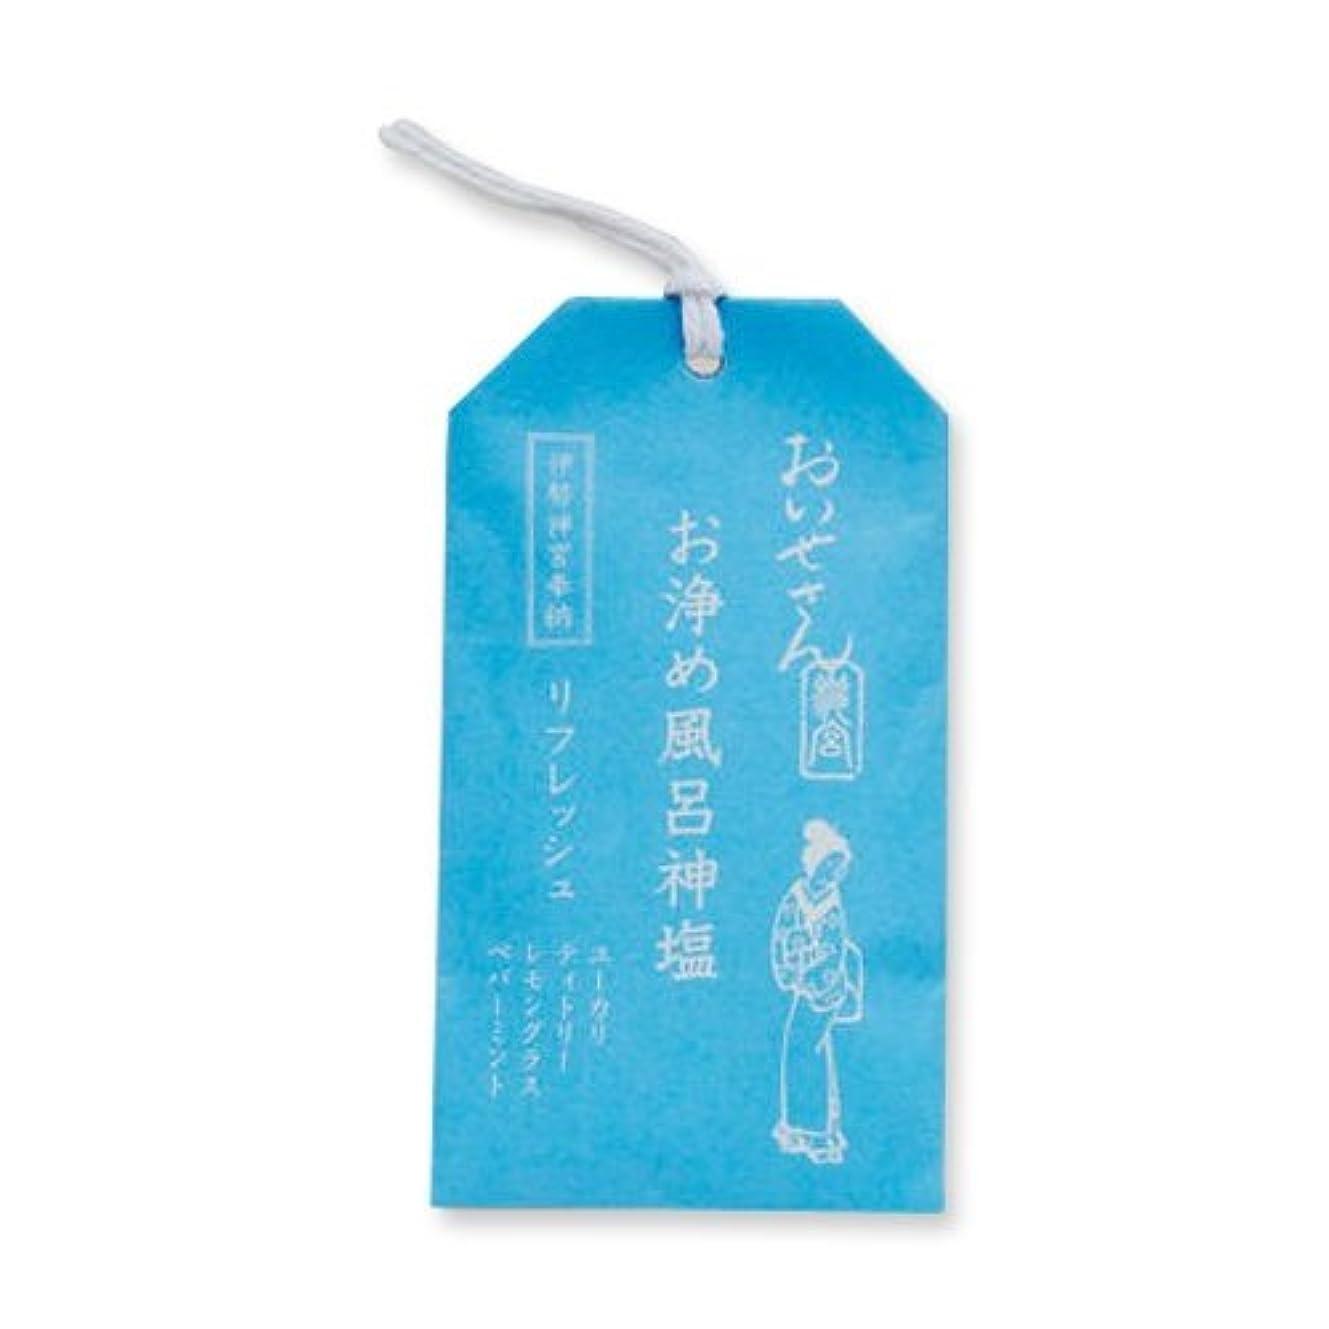 モッキンバードリル警告おいせさん お浄め風呂神塩 バス用ソルト(リフレッシュ) 20g